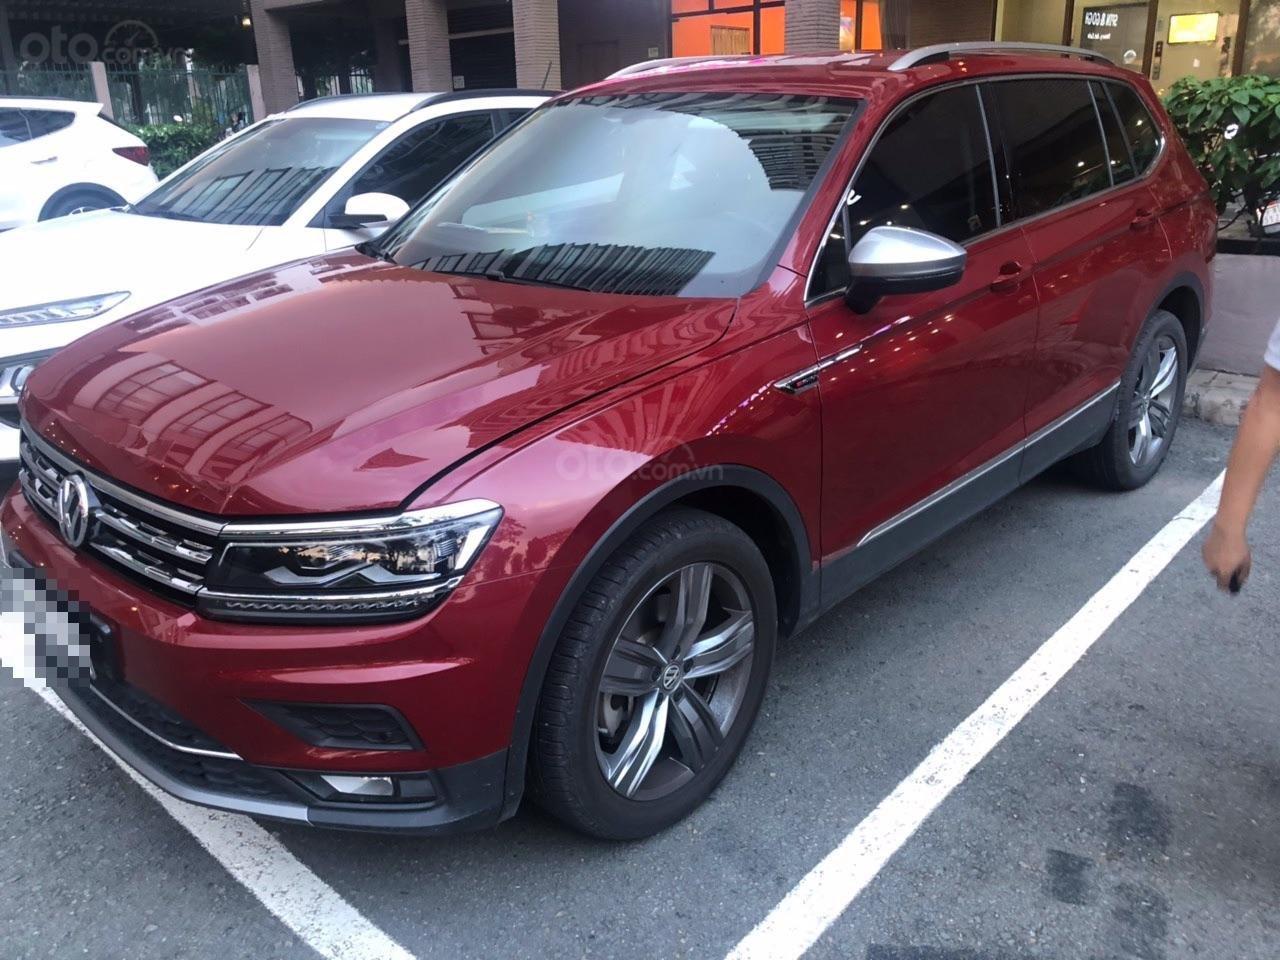 Lên đời bán SUV 7 chỗ VW Tiguan Highline đỏ rượu vang, đăng ký 2019, đi mới 15.000km (1)